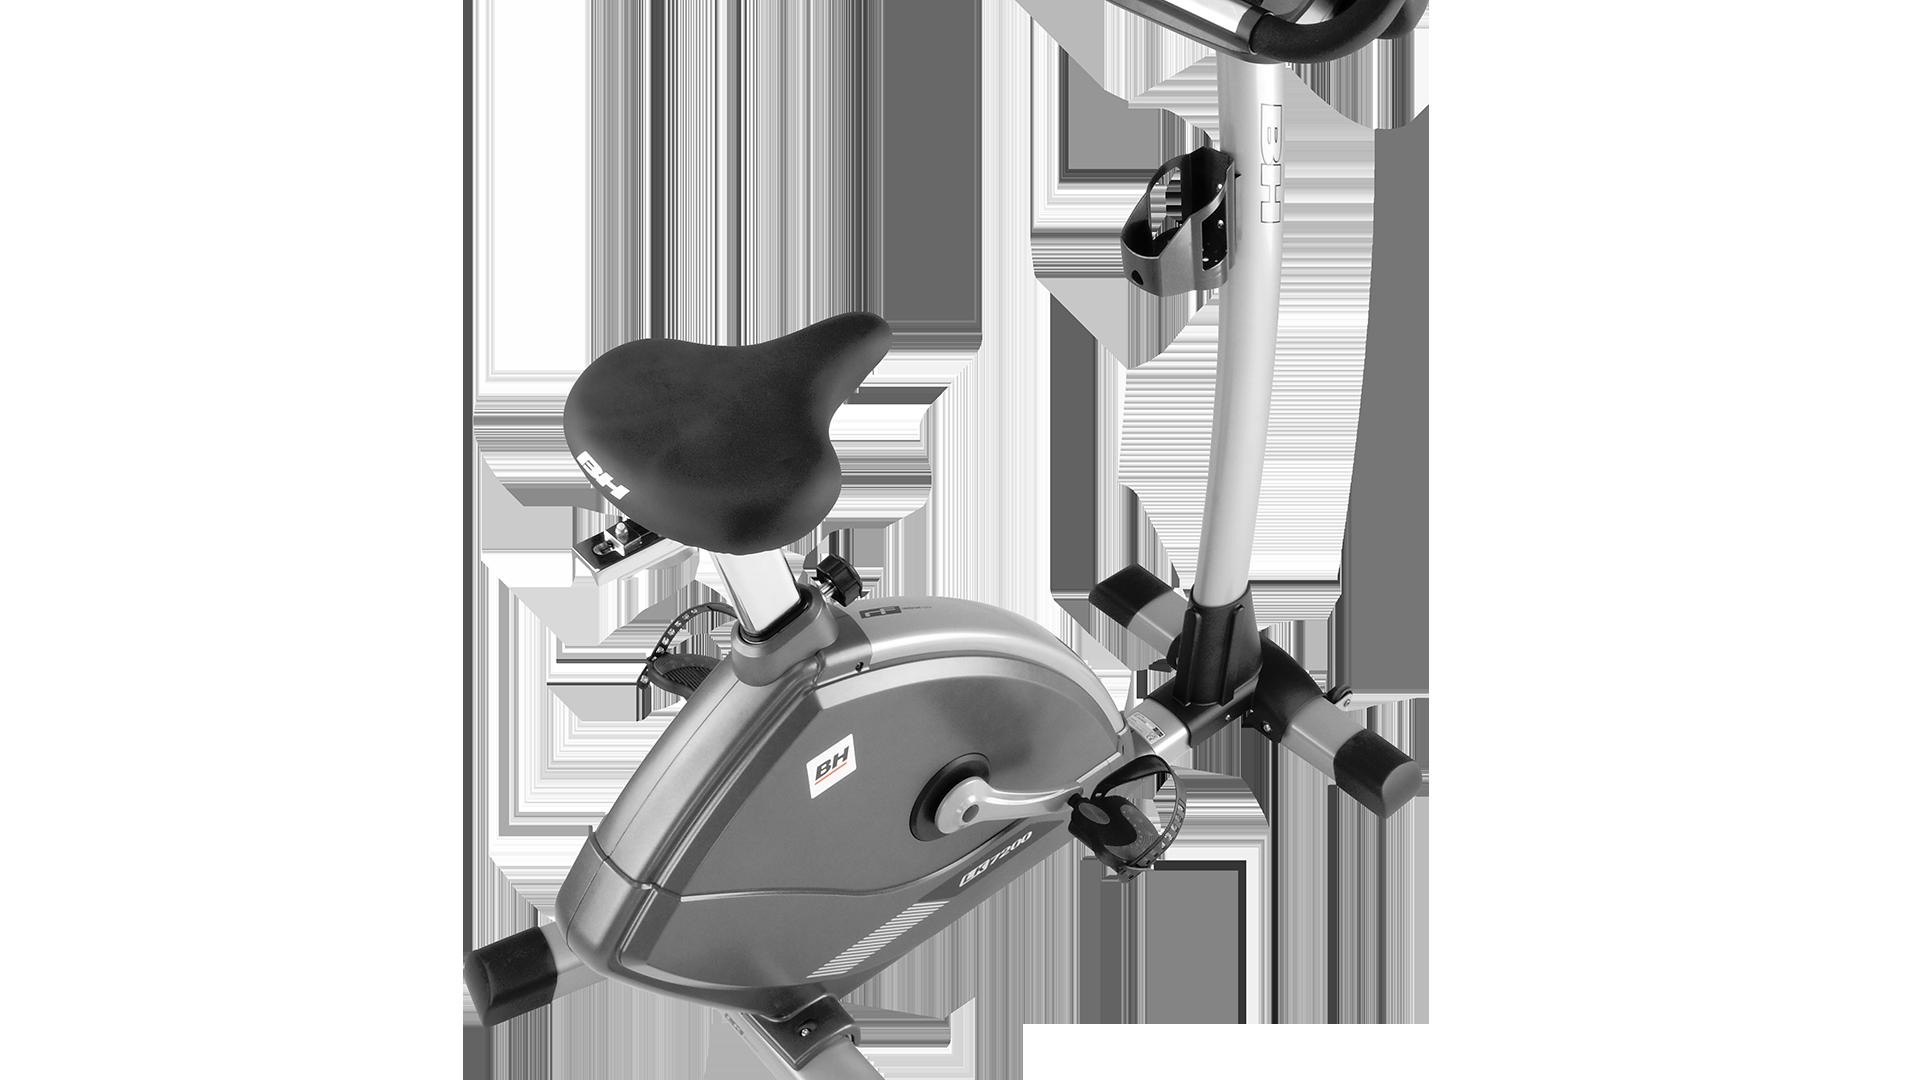 LK7200 Vélo vertical professionnel